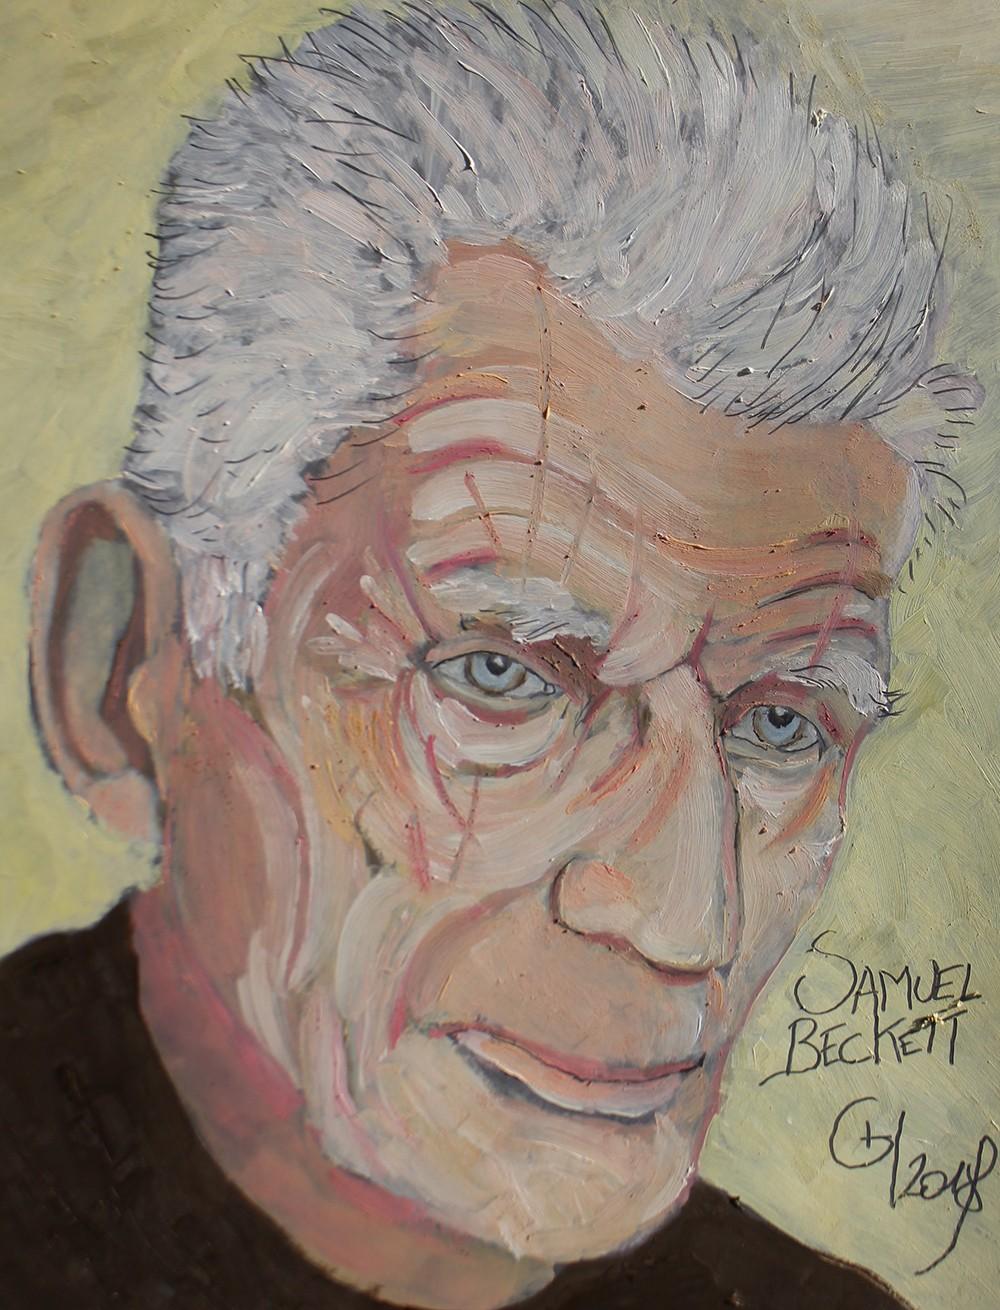 3. Samuel Beckett - Grégory Huck